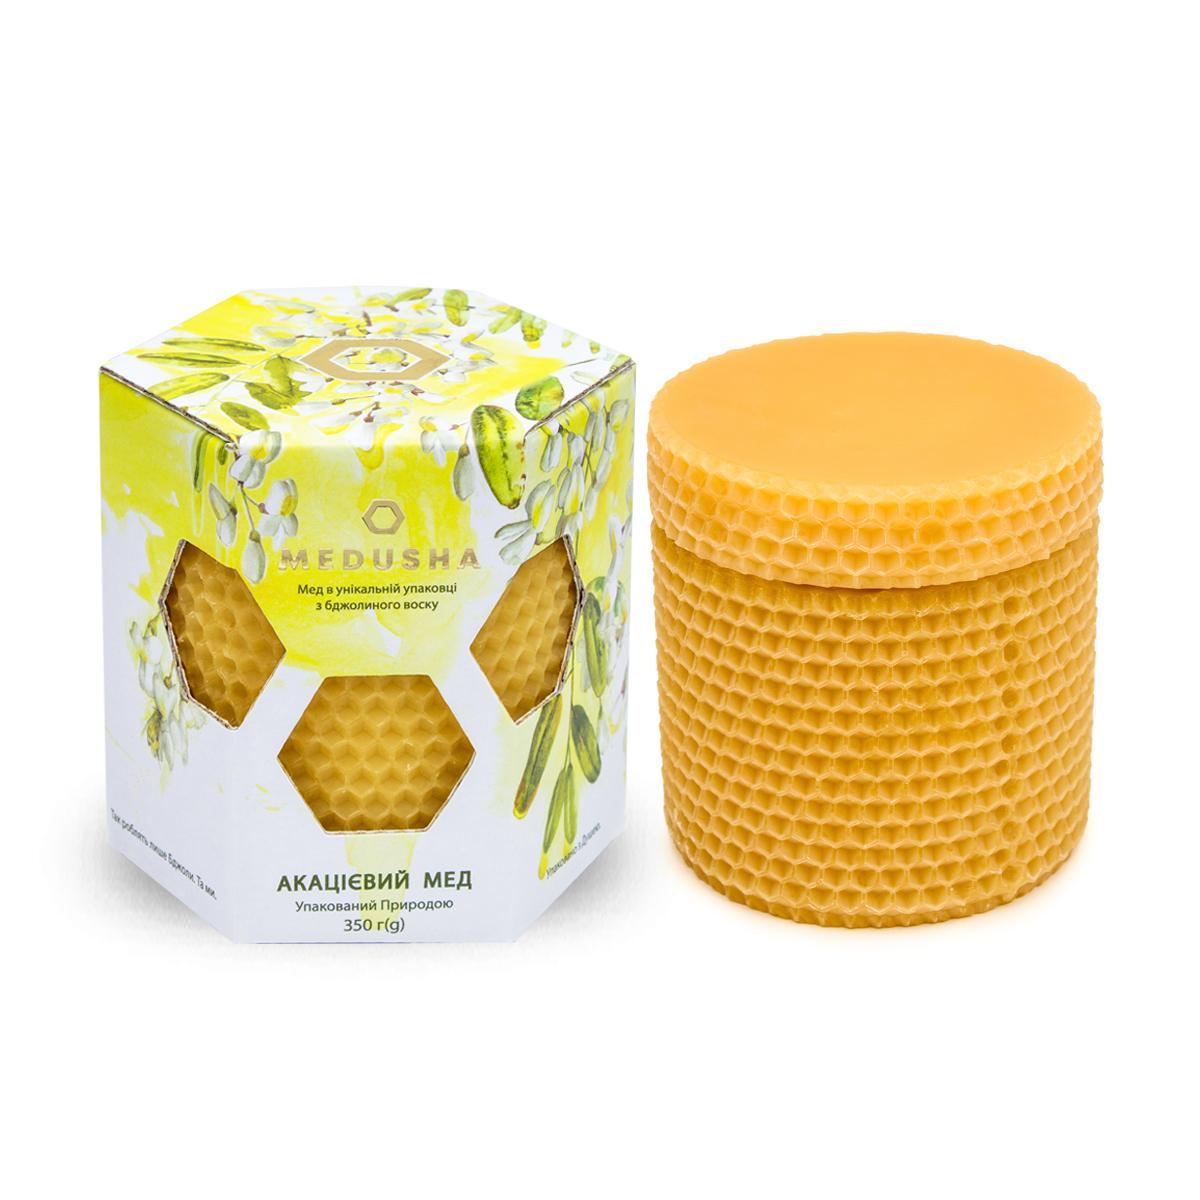 Beehive 350g